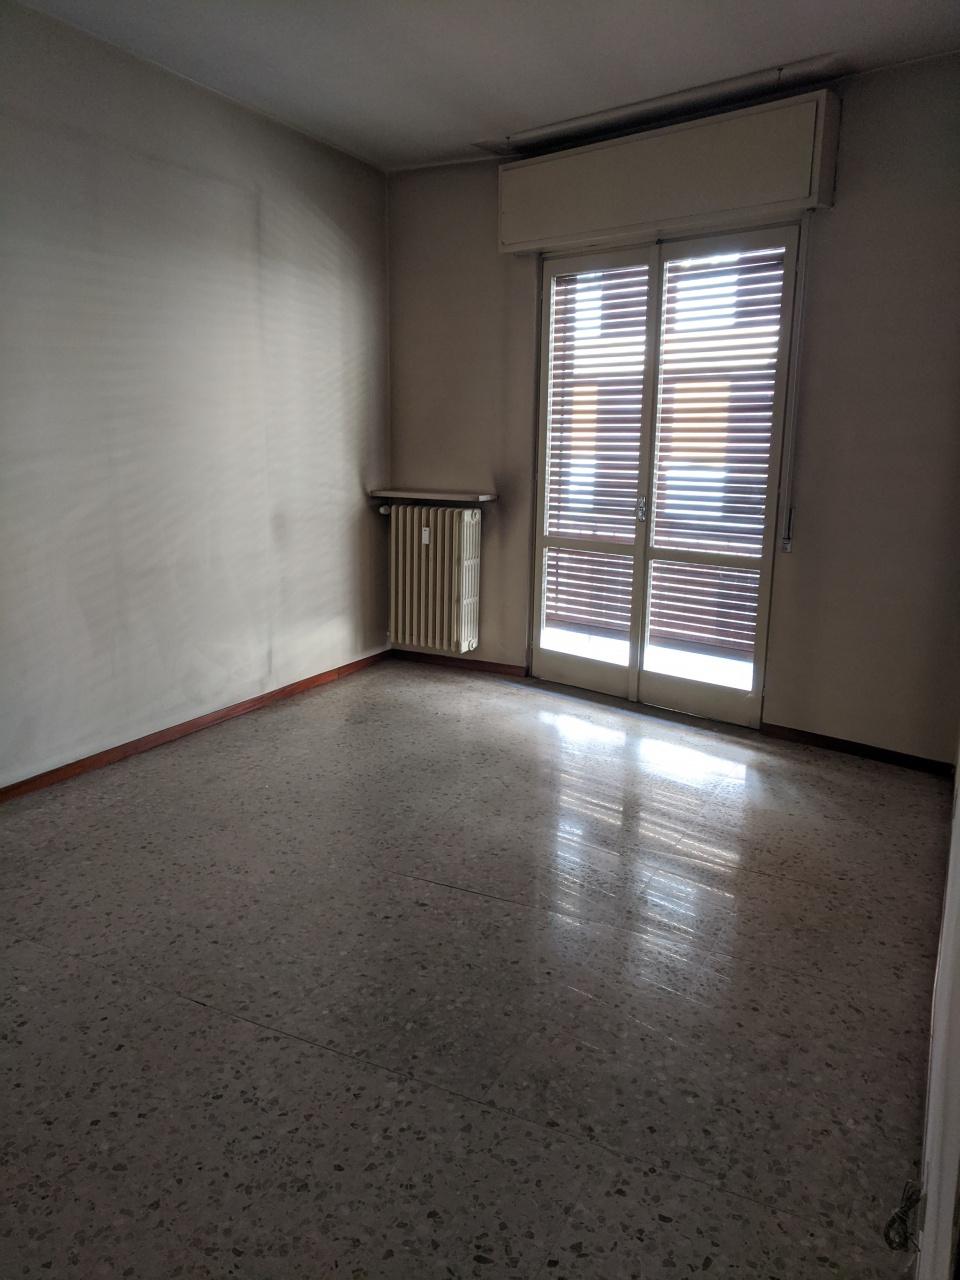 Appartamento STRADELLA 21.13